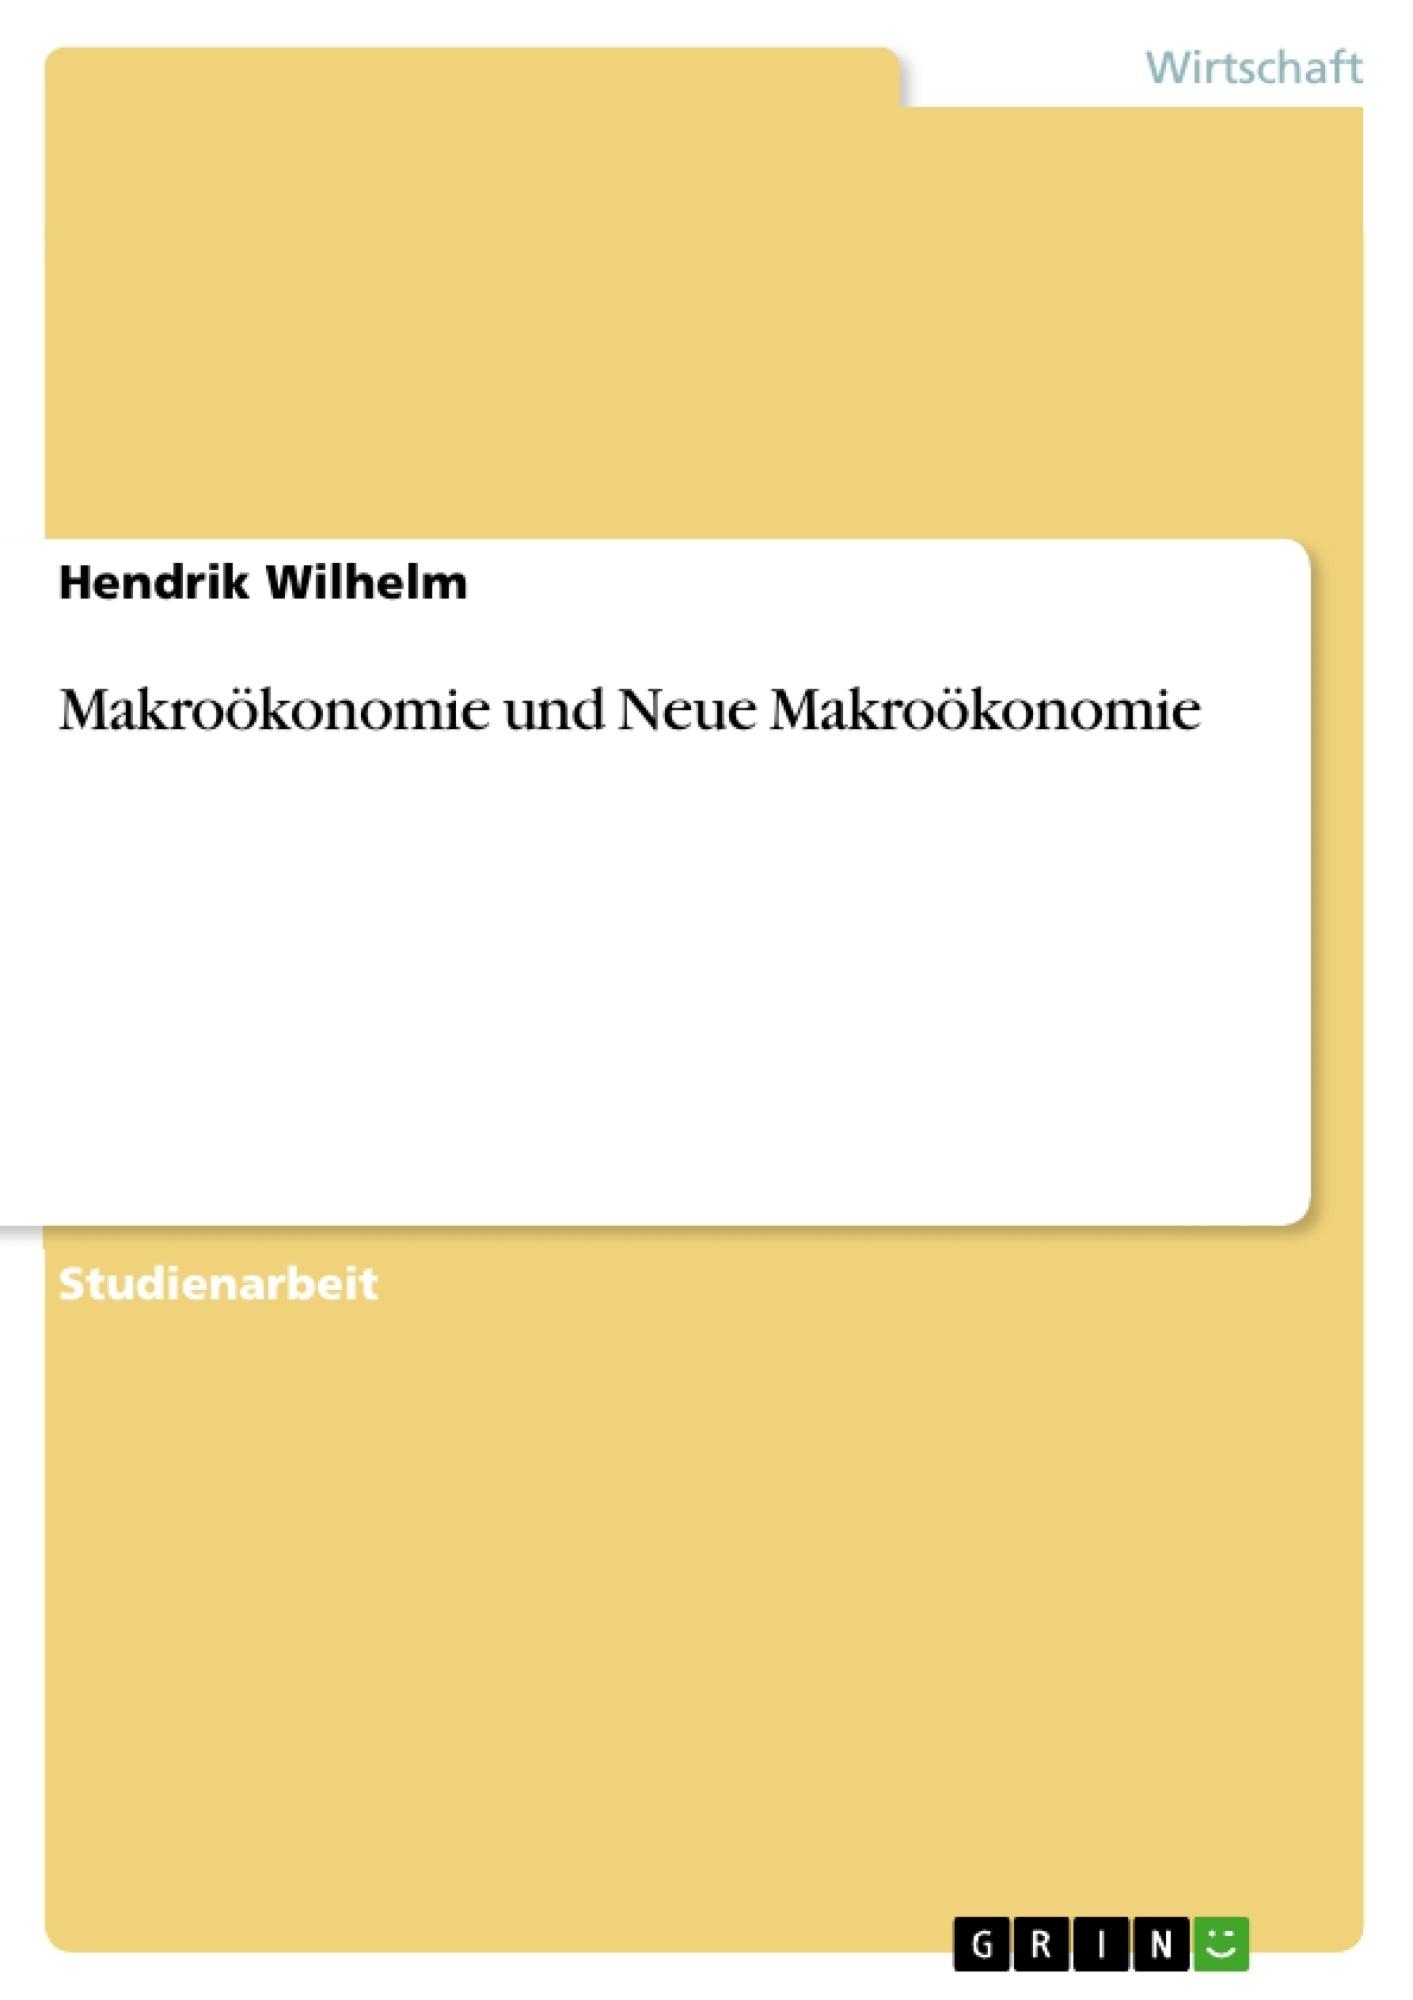 Titel: Makroökonomie und Neue Makroökonomie